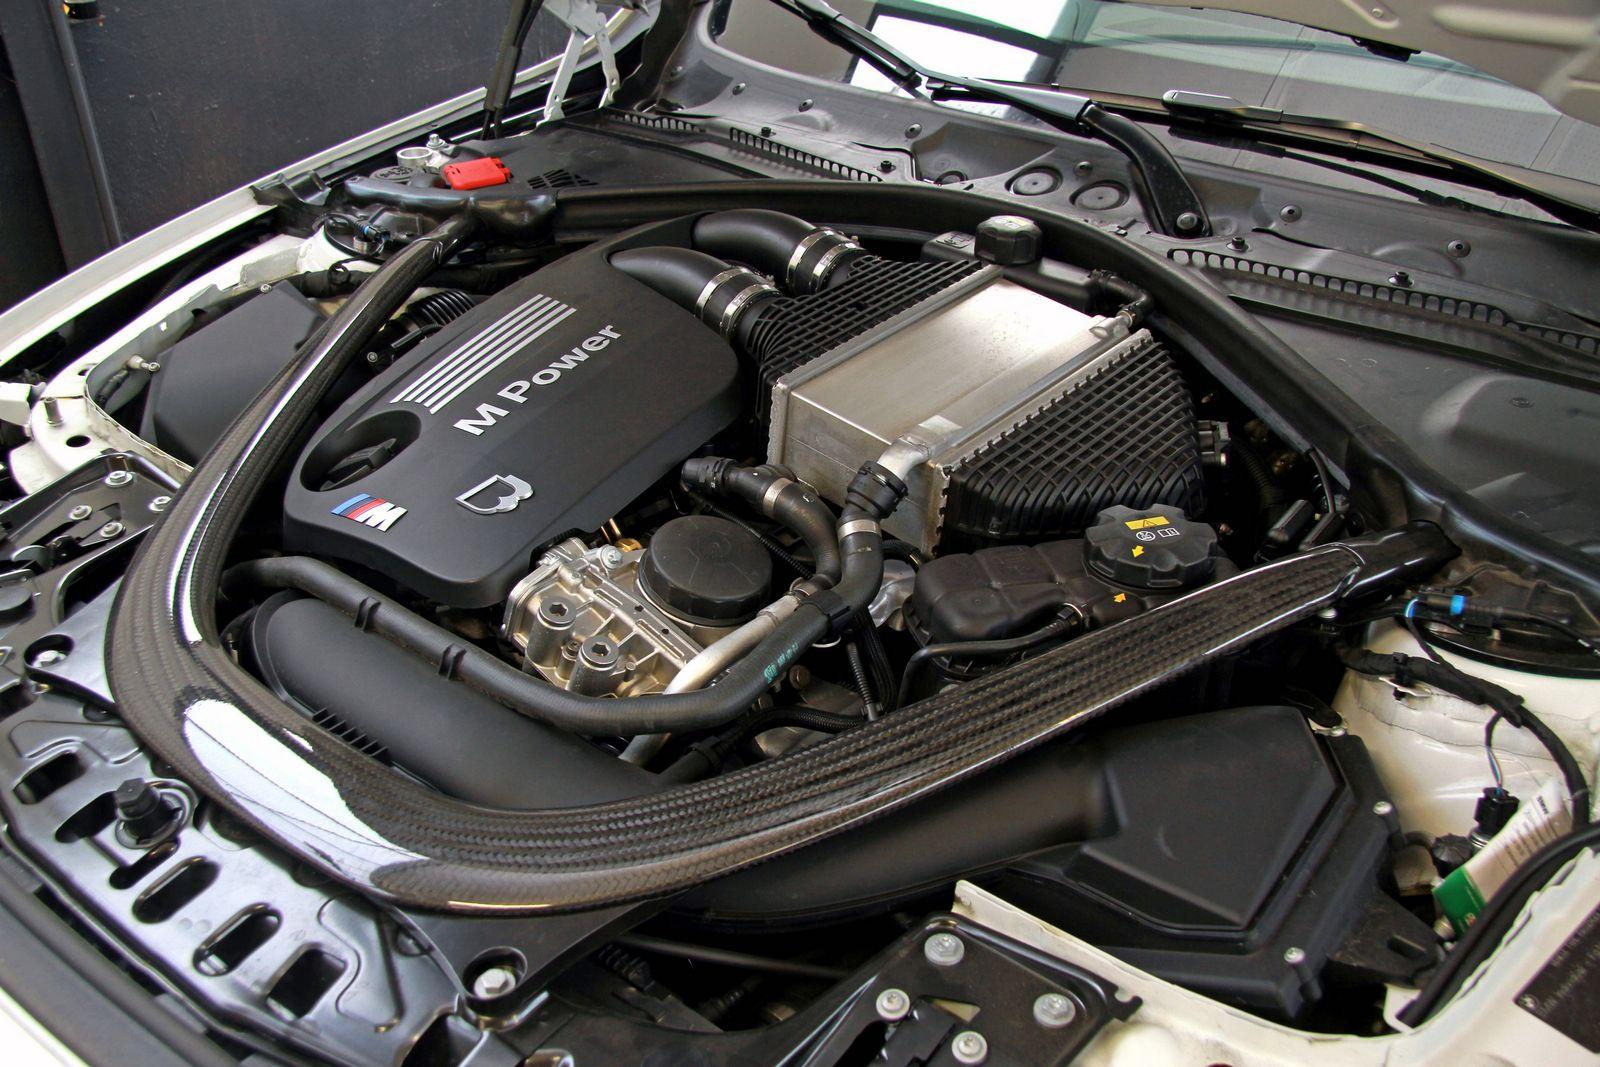 B&B aumenta la potencia de tu BMW M3/M4 hasta los 580 CV 3